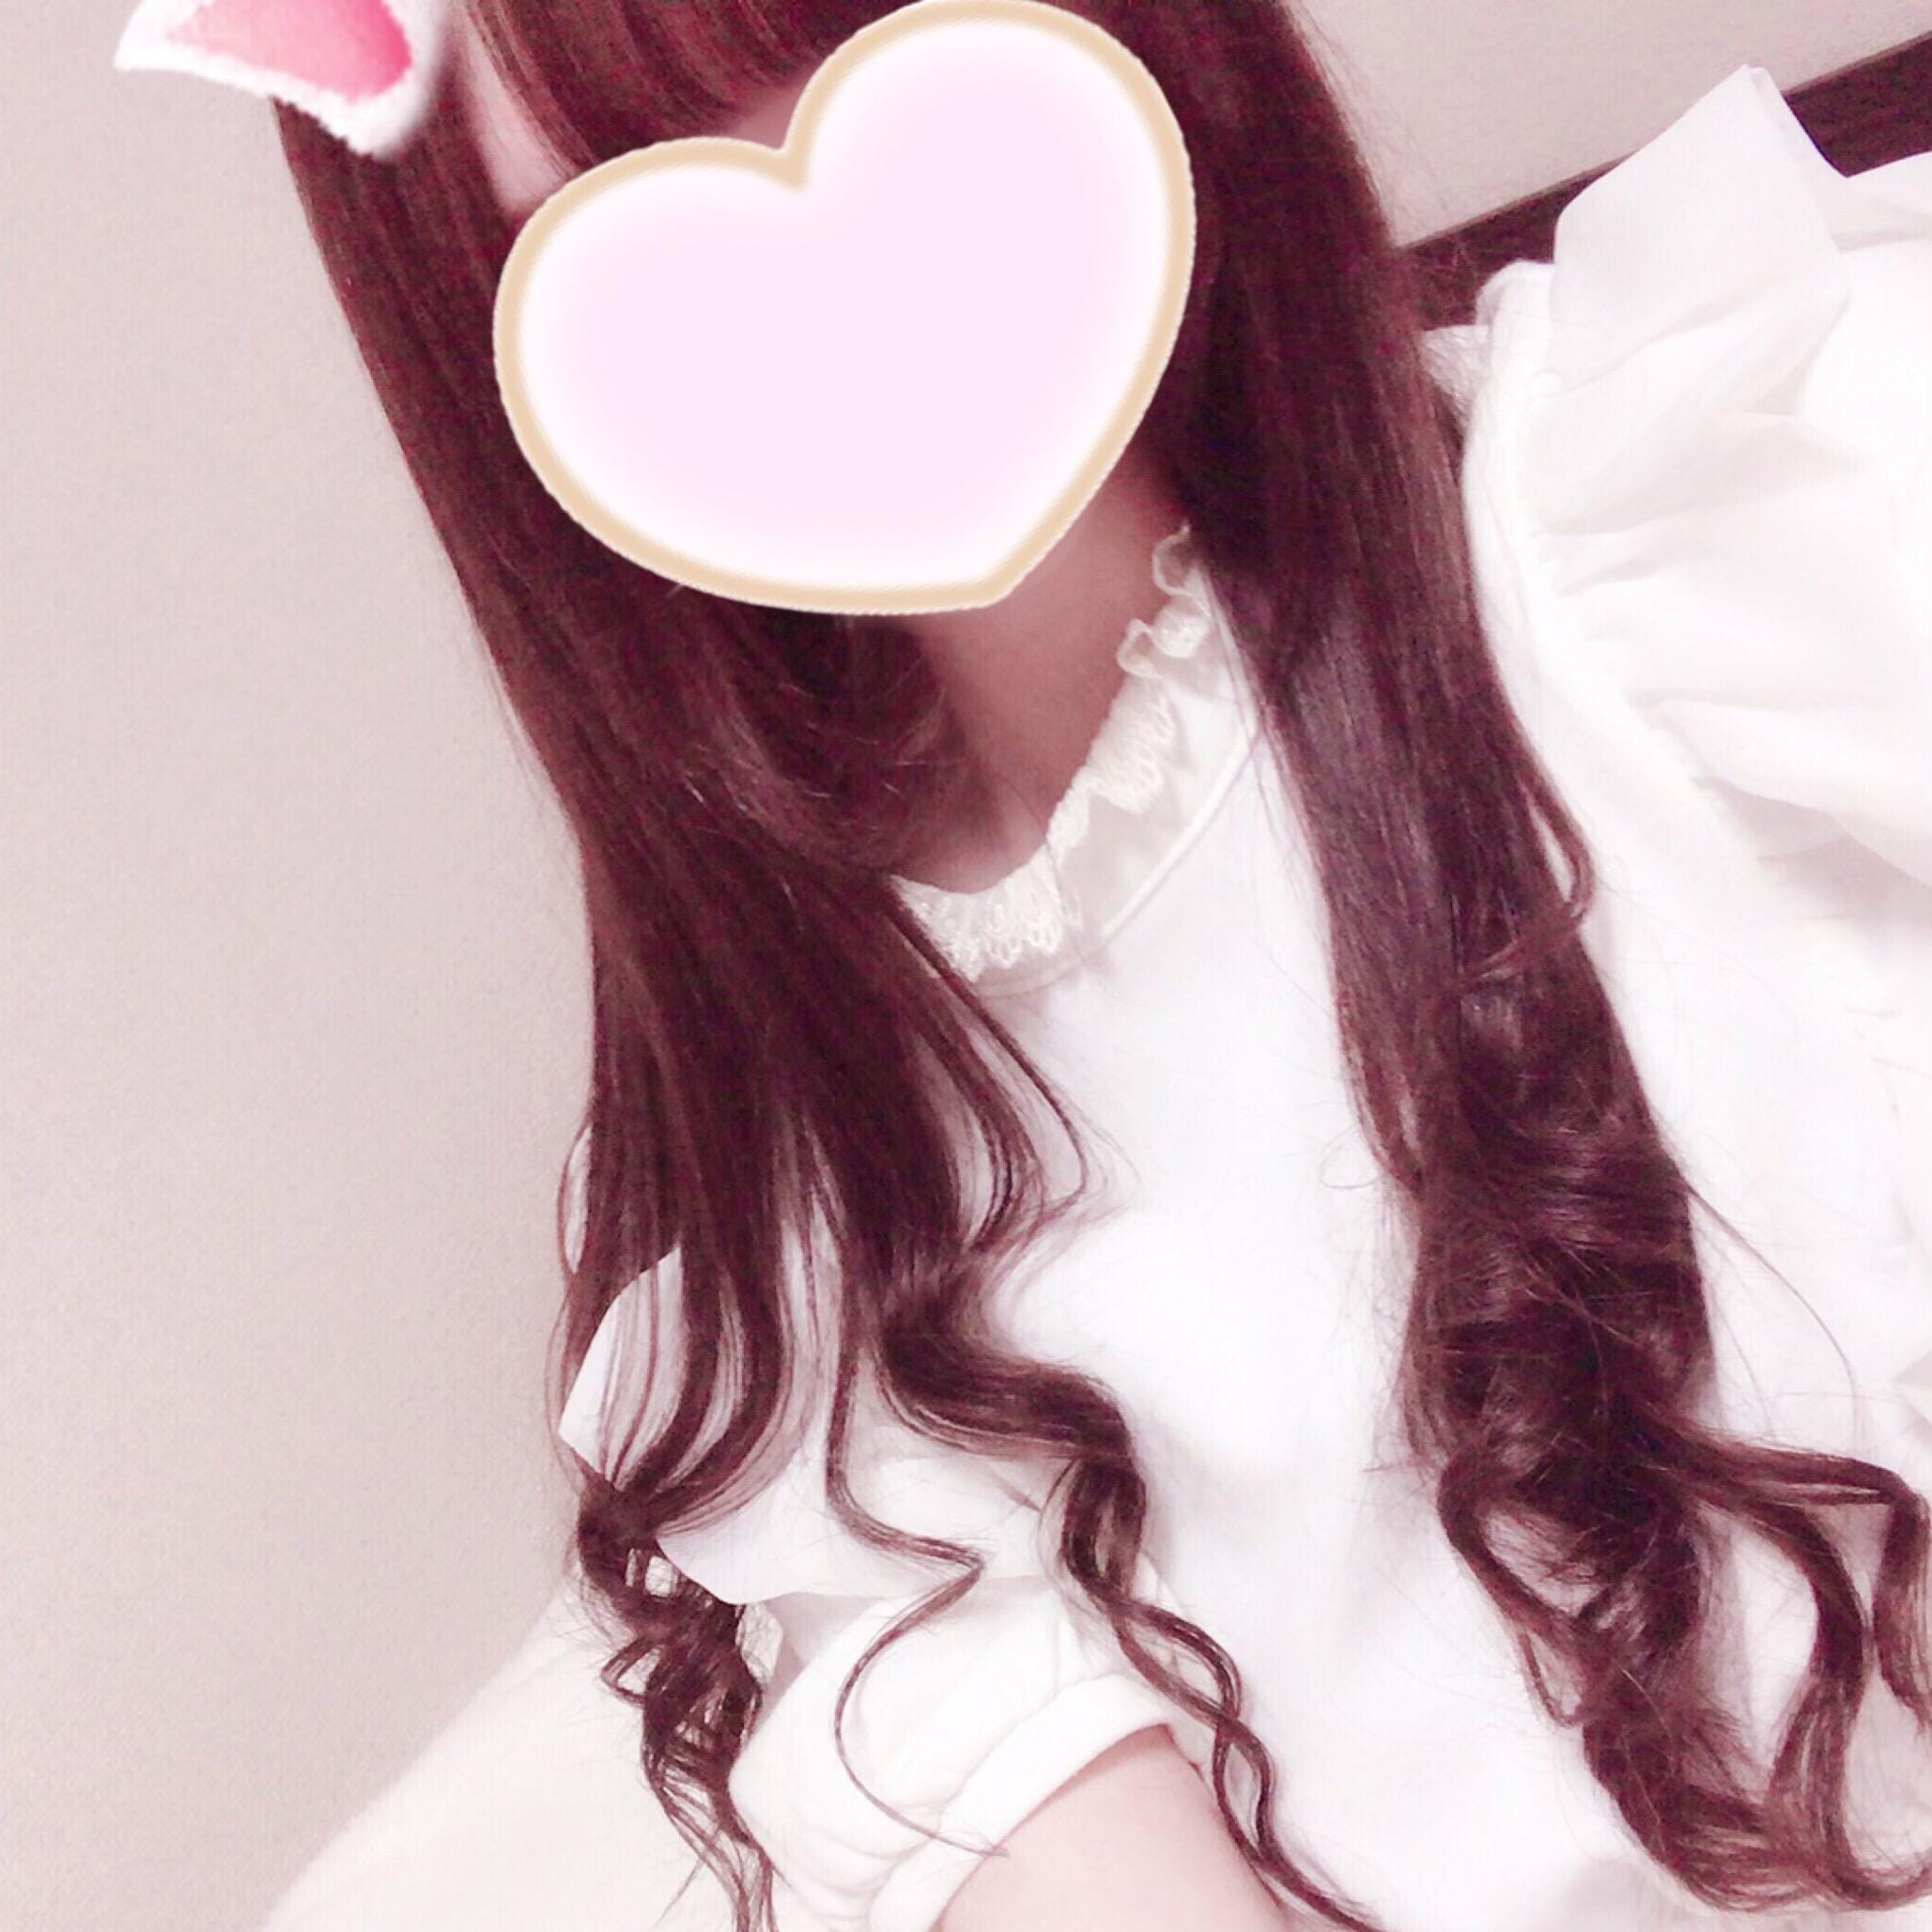 「はじめまして?」06/16(06/16) 19:22 | まりかちゃんの写メ・風俗動画